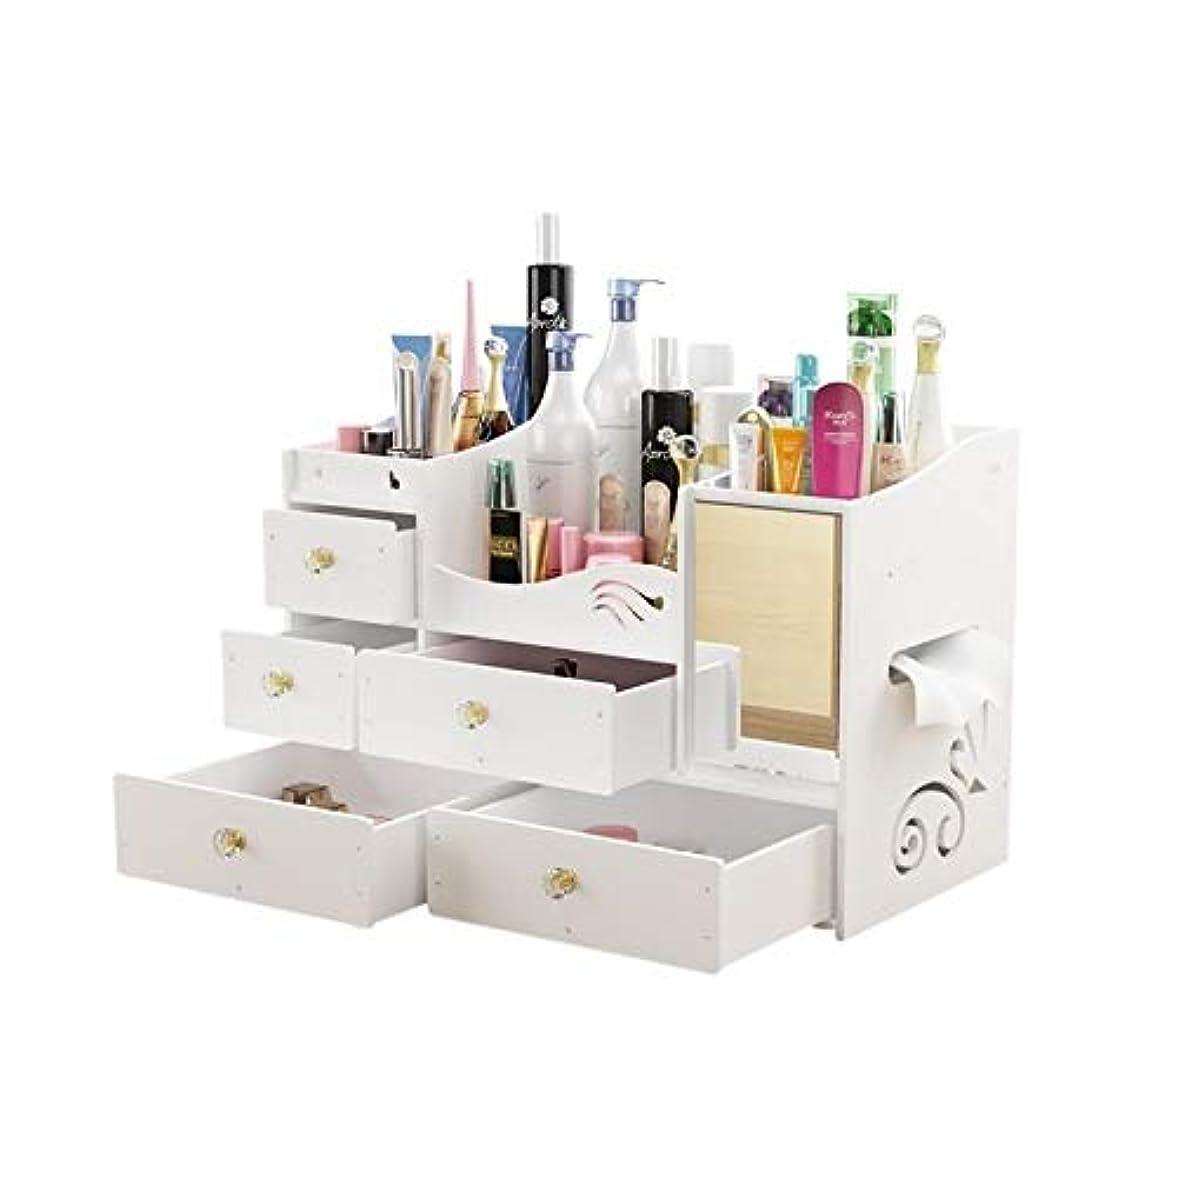 アンケートポーン電気的STORAGE BOX PINGFUFF 化粧品収納ボックス、デスクトップ木製収納ボックス、ミラー付きDIY化粧品ケースミラー付きスキンケアラック